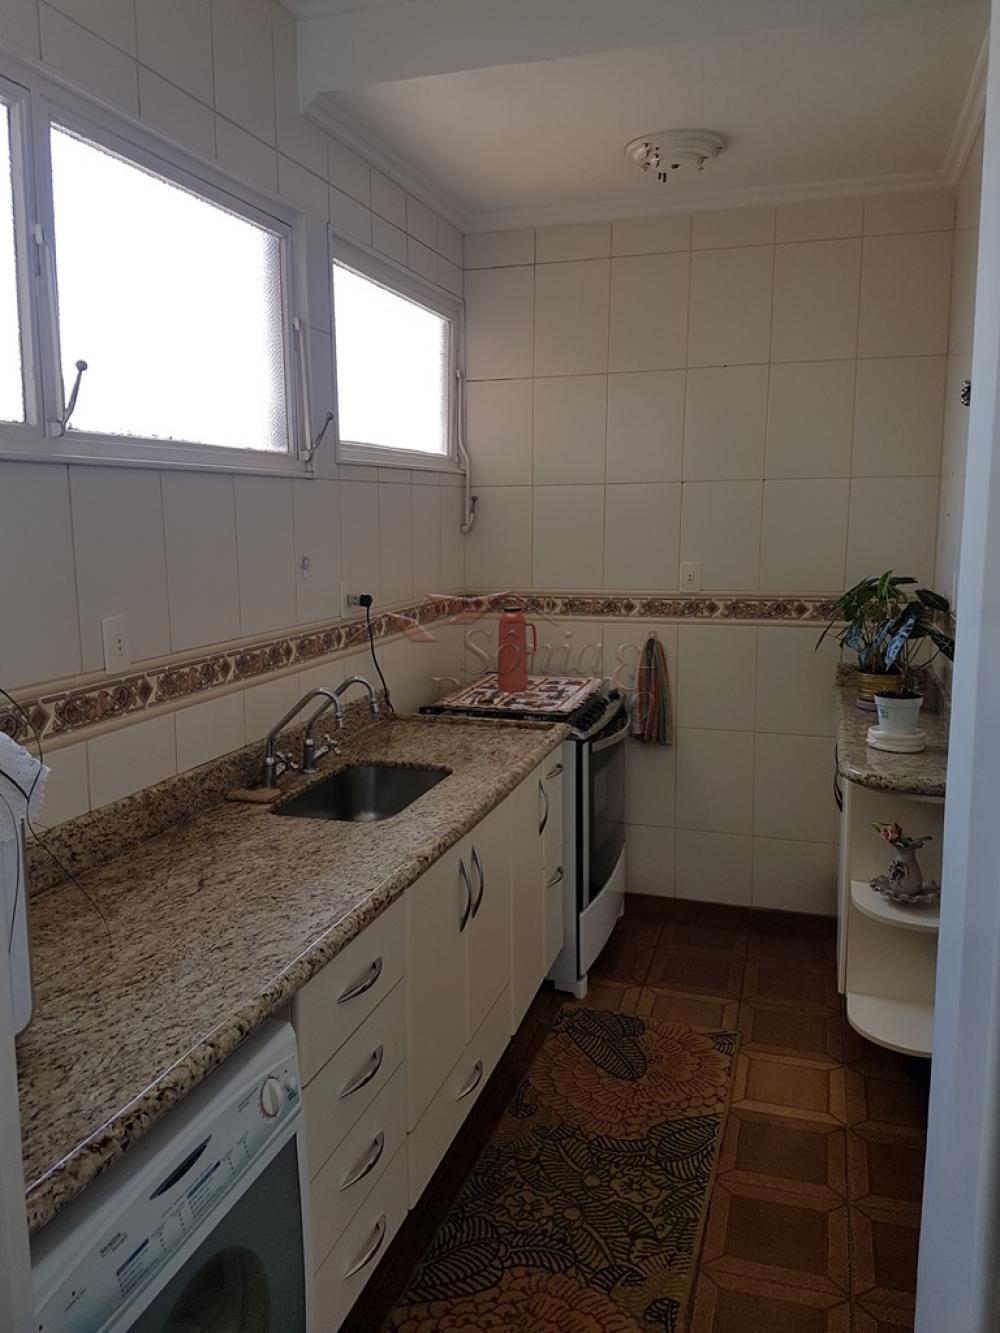 Comprar Apartamentos / Padrão em Ribeirão Preto apenas R$ 500.000,00 - Foto 23